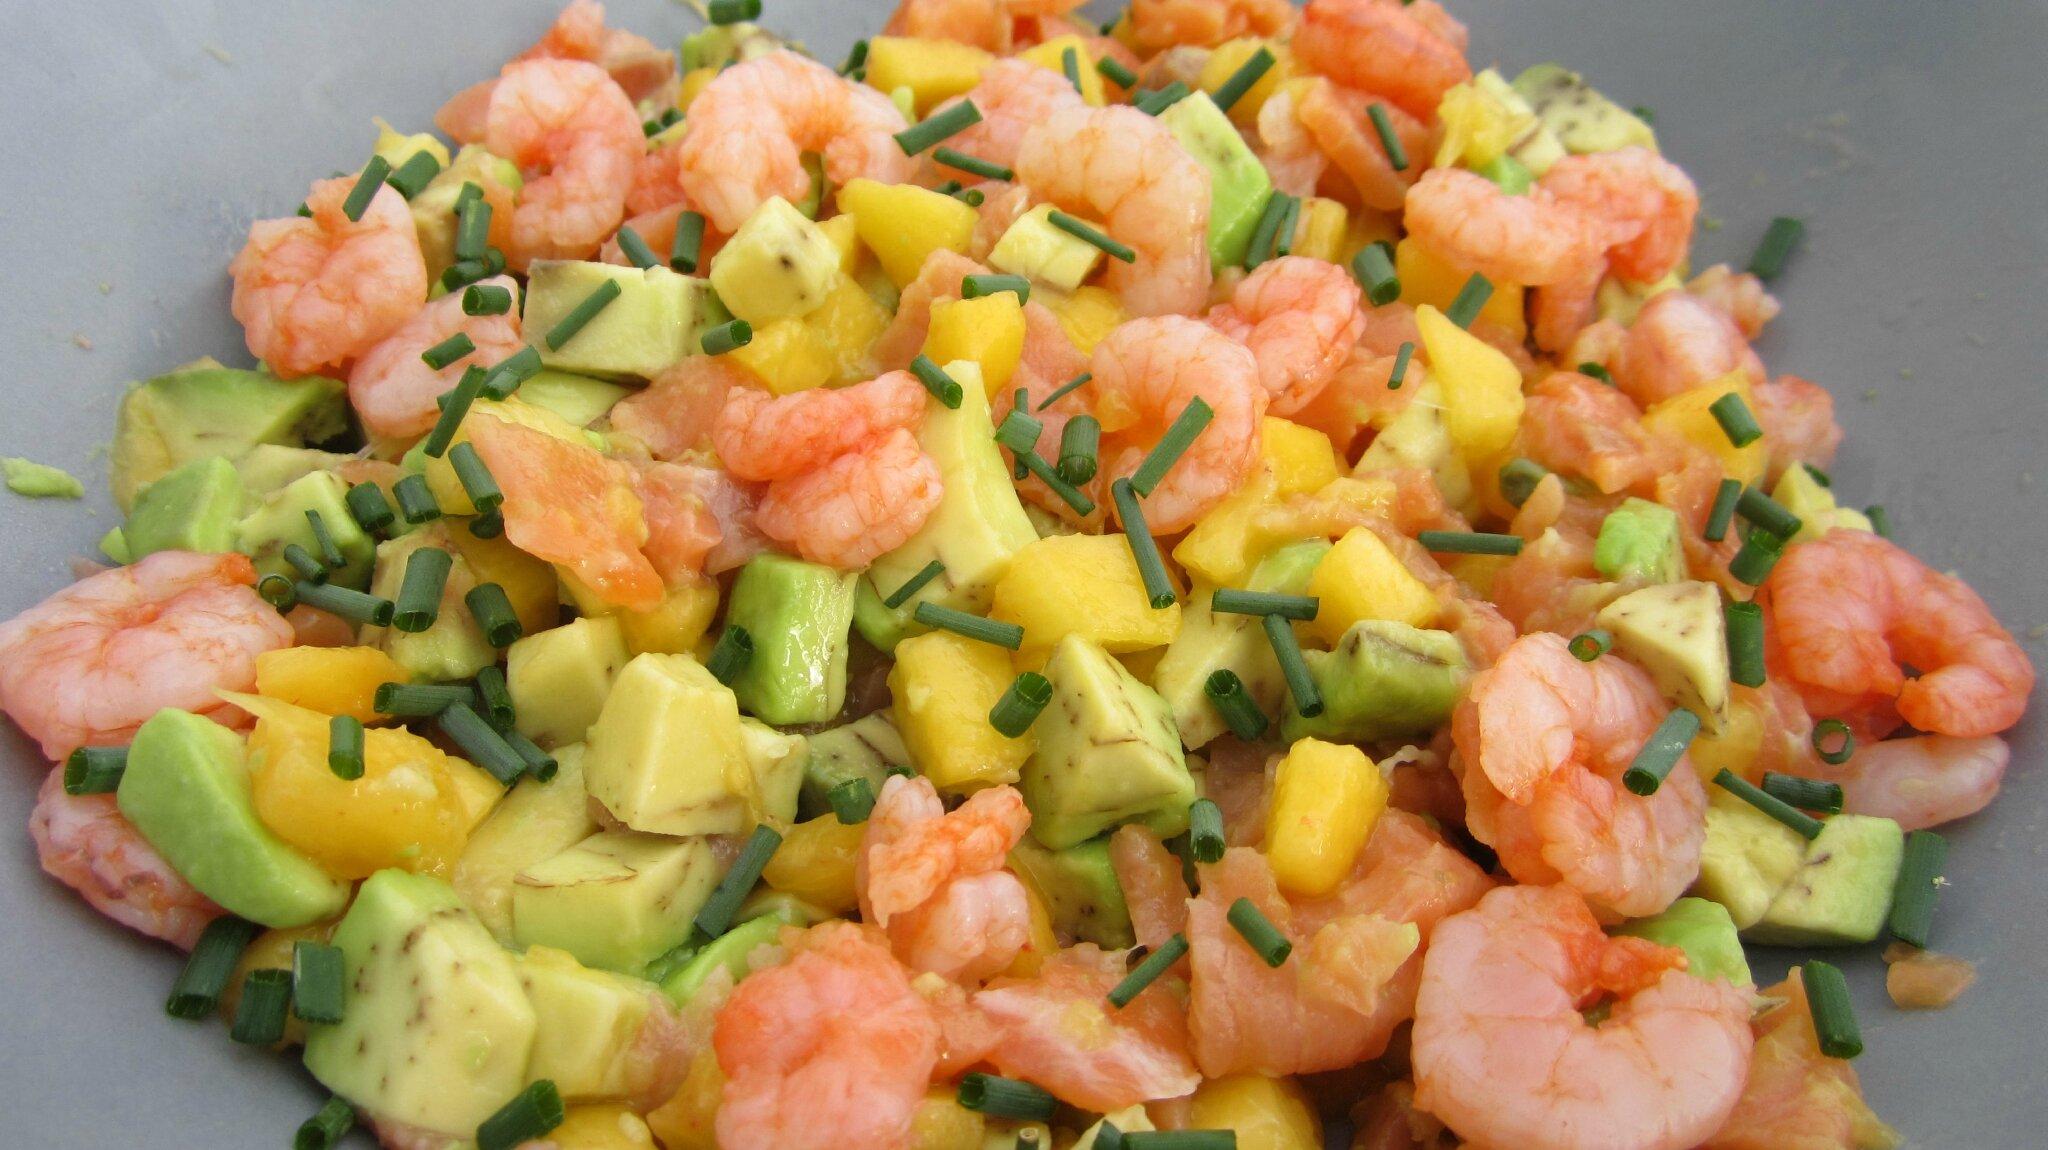 Salade de saumon, avocats, crevettes et pêches